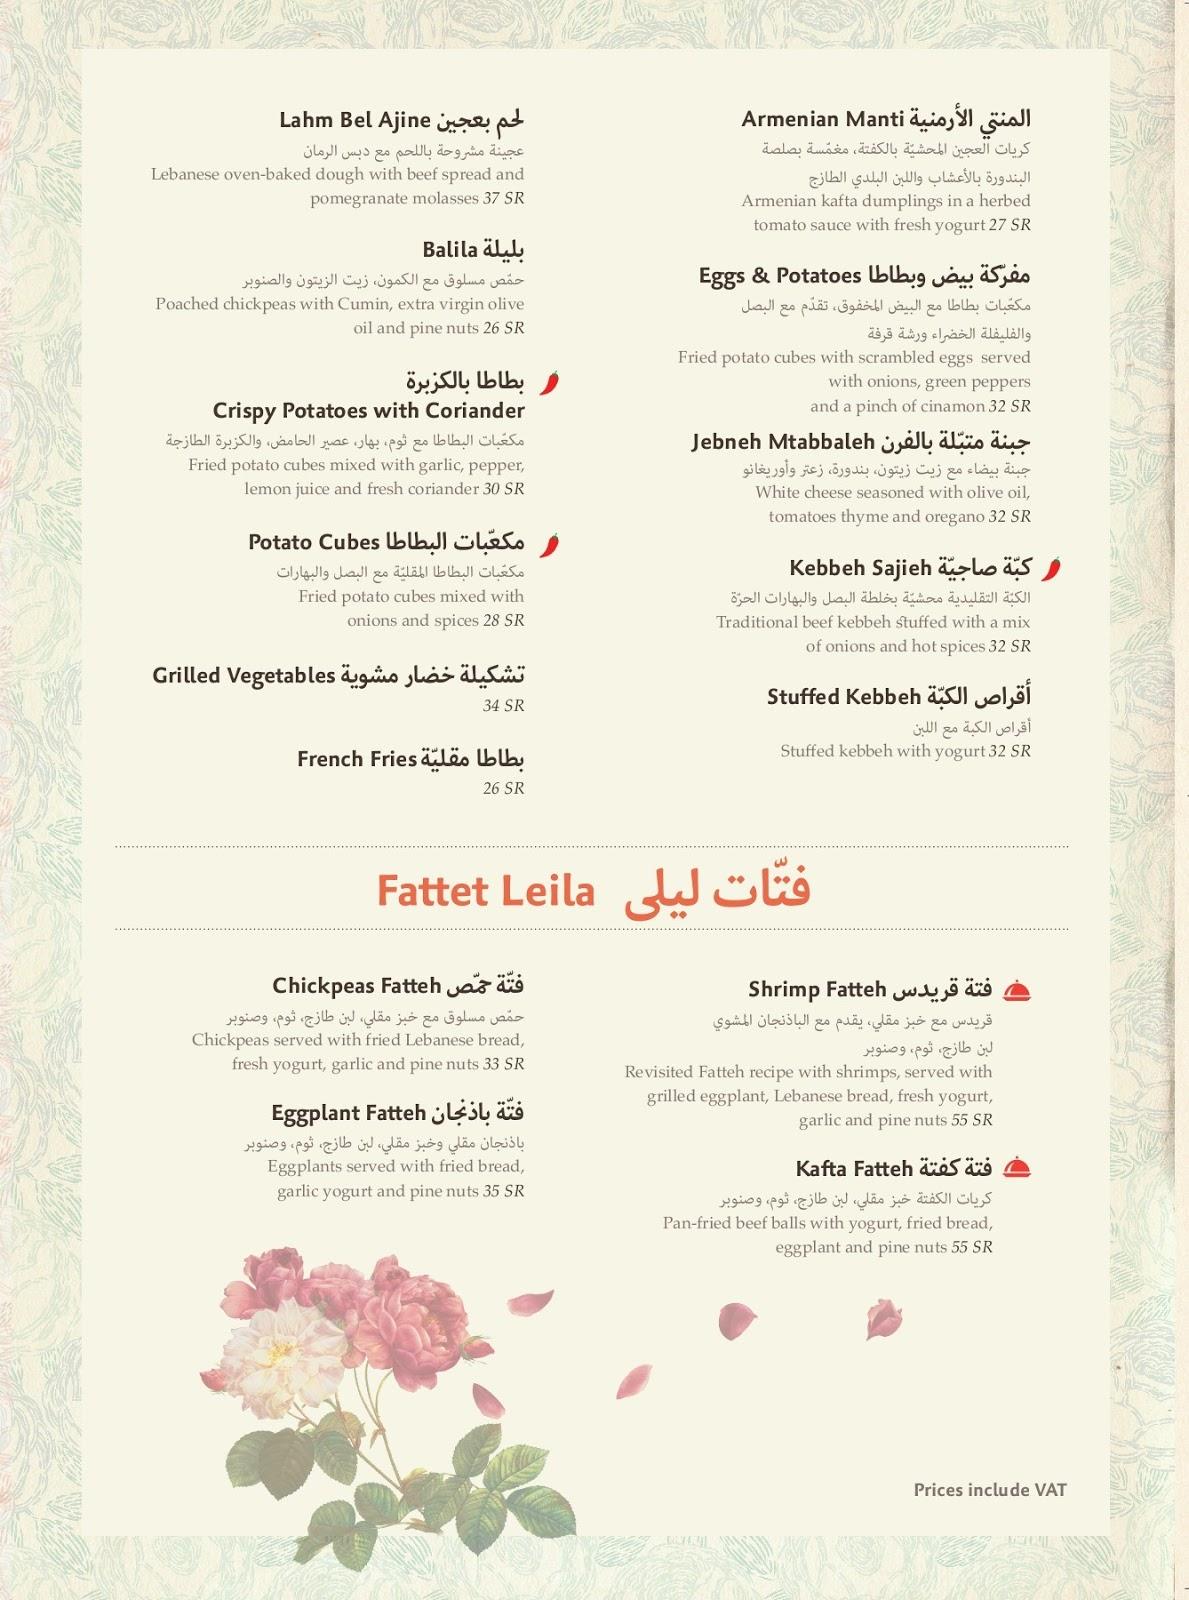 مطعم ليلى من لبنان بالرياض السعر المنيو العنوان كافيهات و مطاعم الرياض